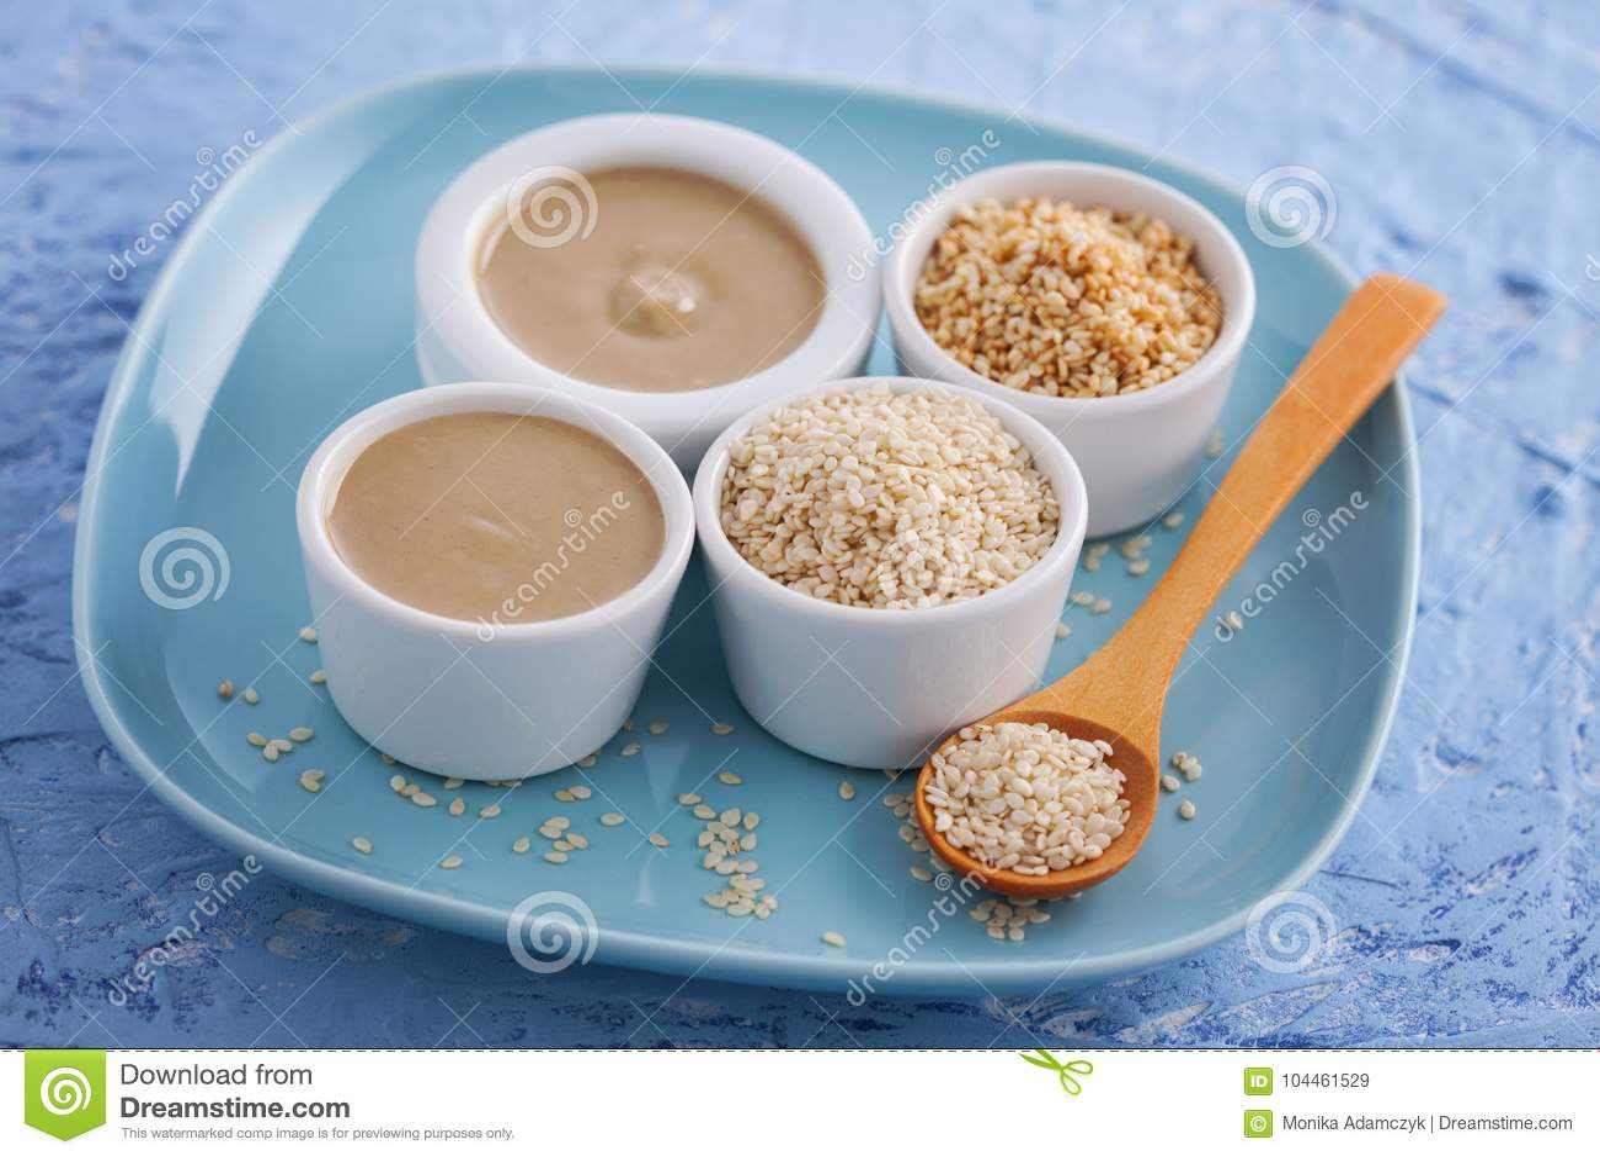 Tahini and sesame seeds